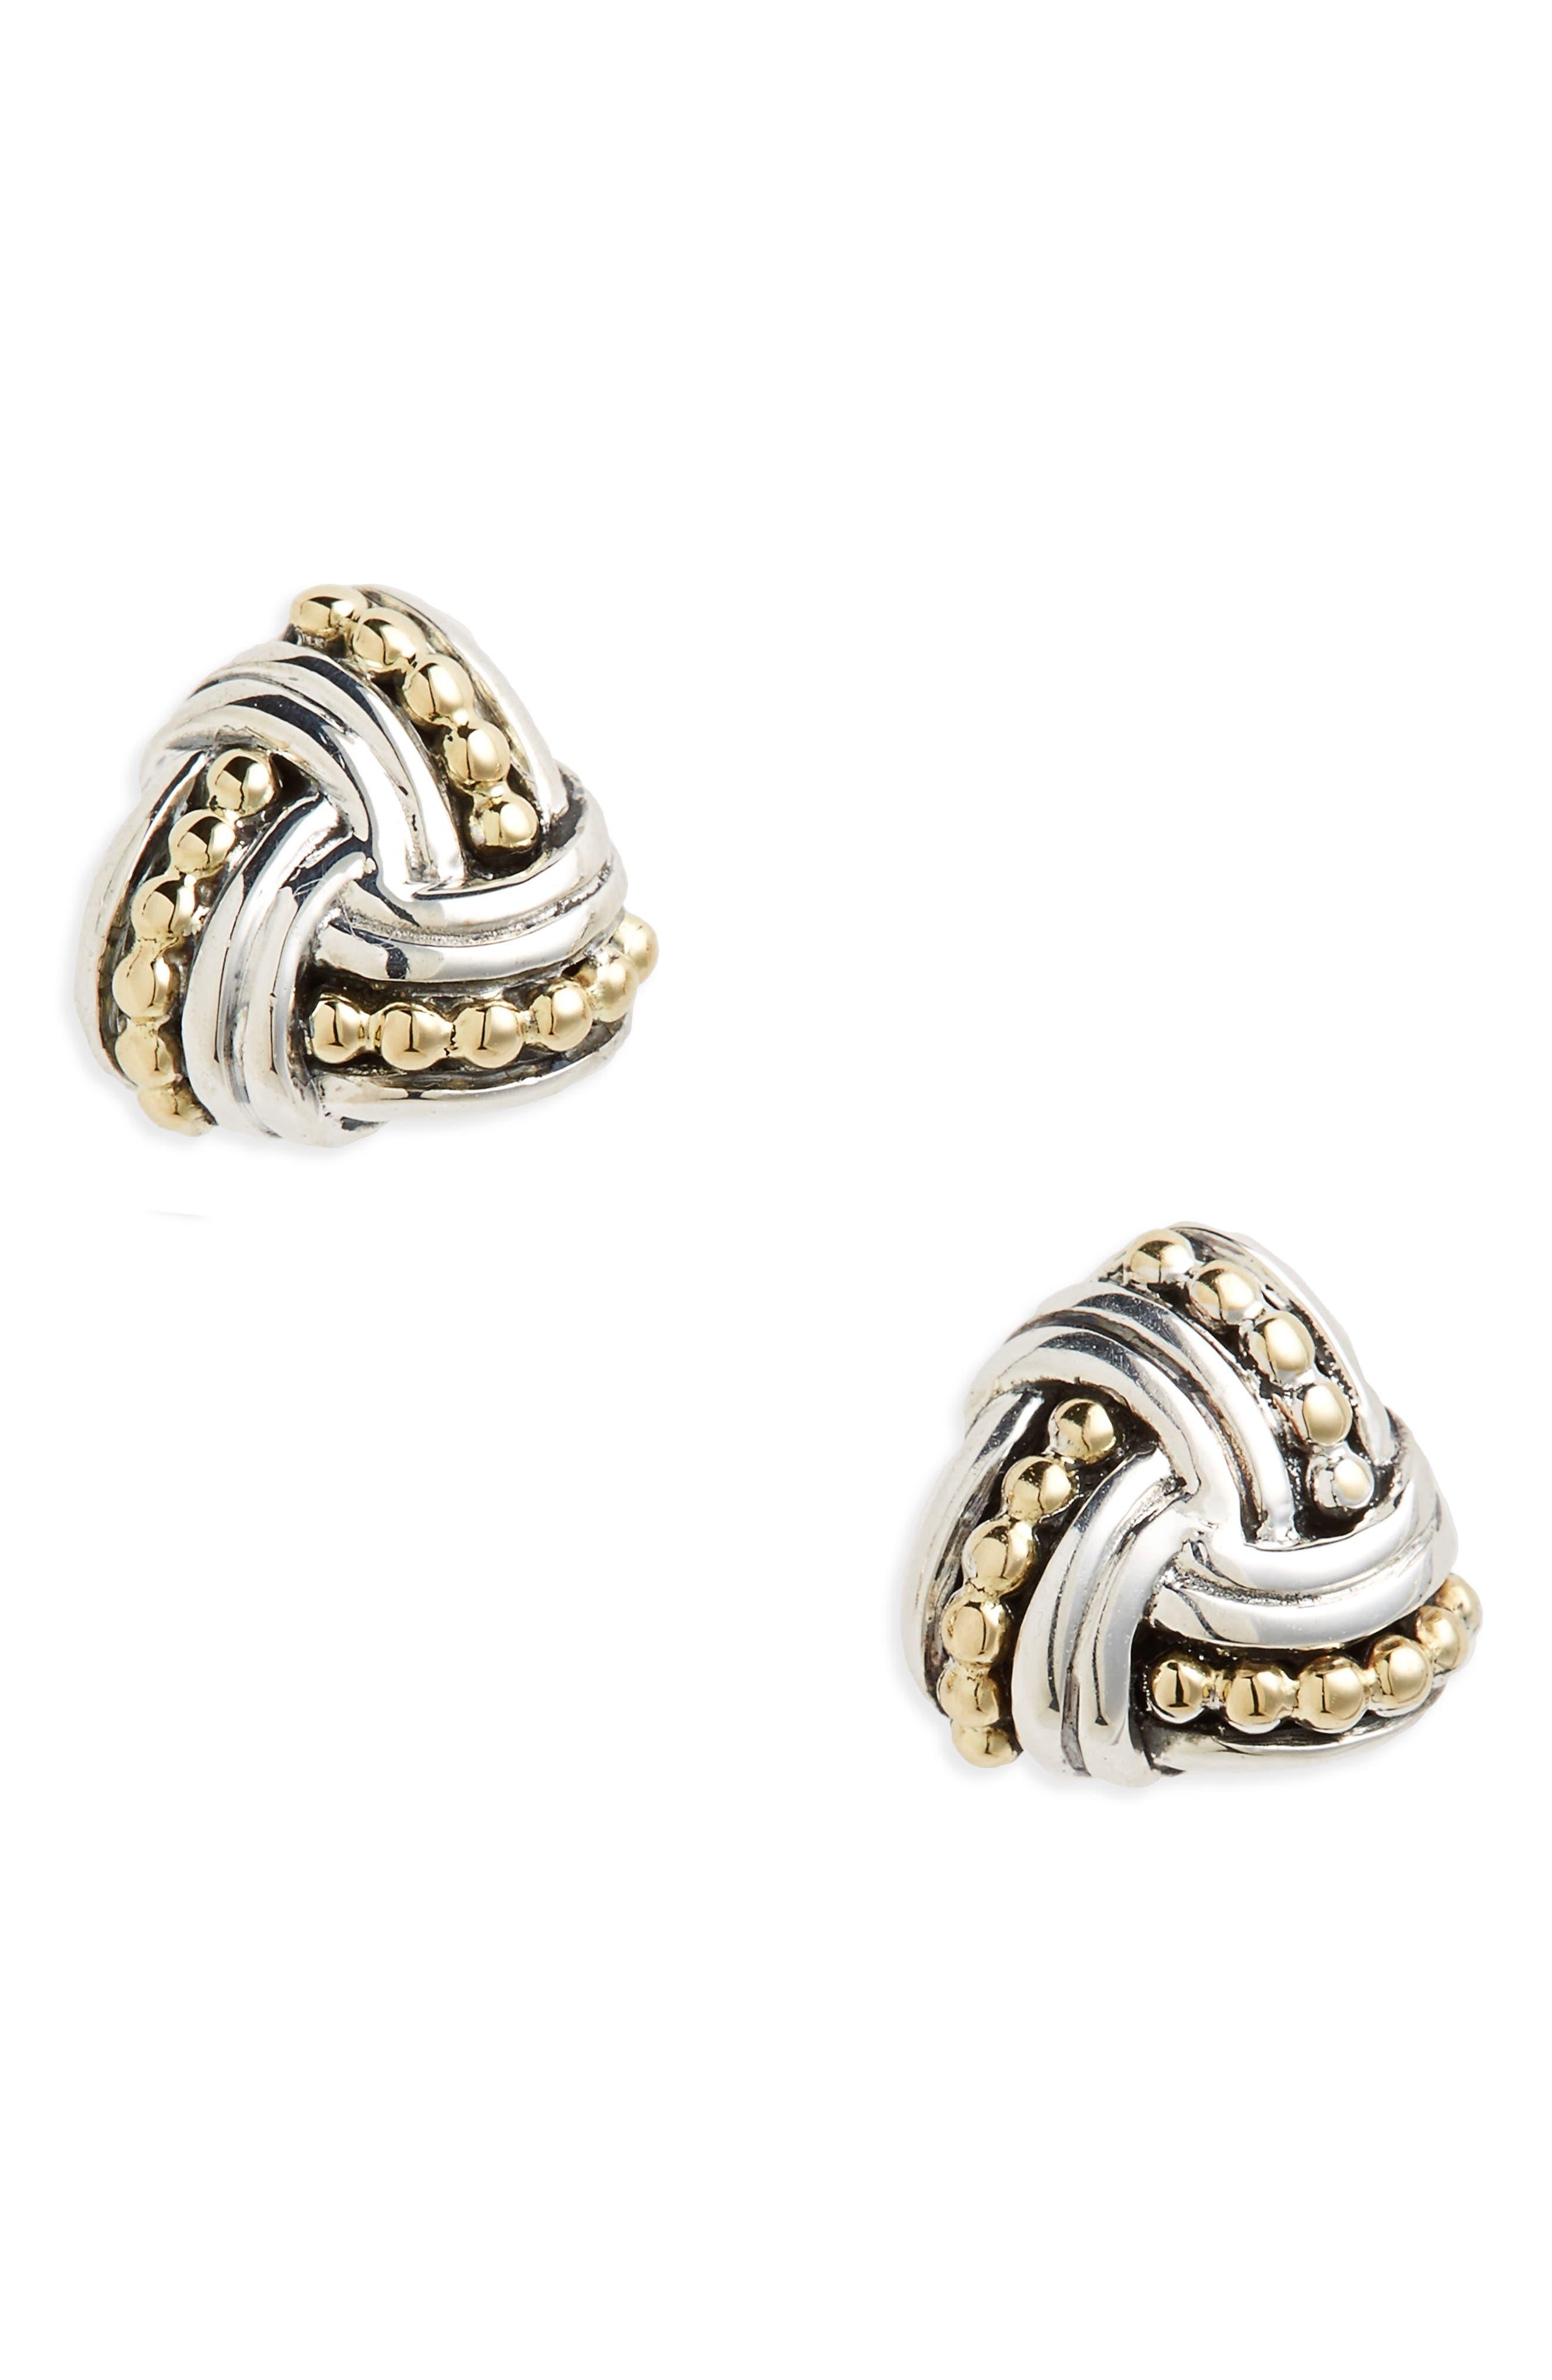 Main Image - LAGOS Torsade Stud Earrings